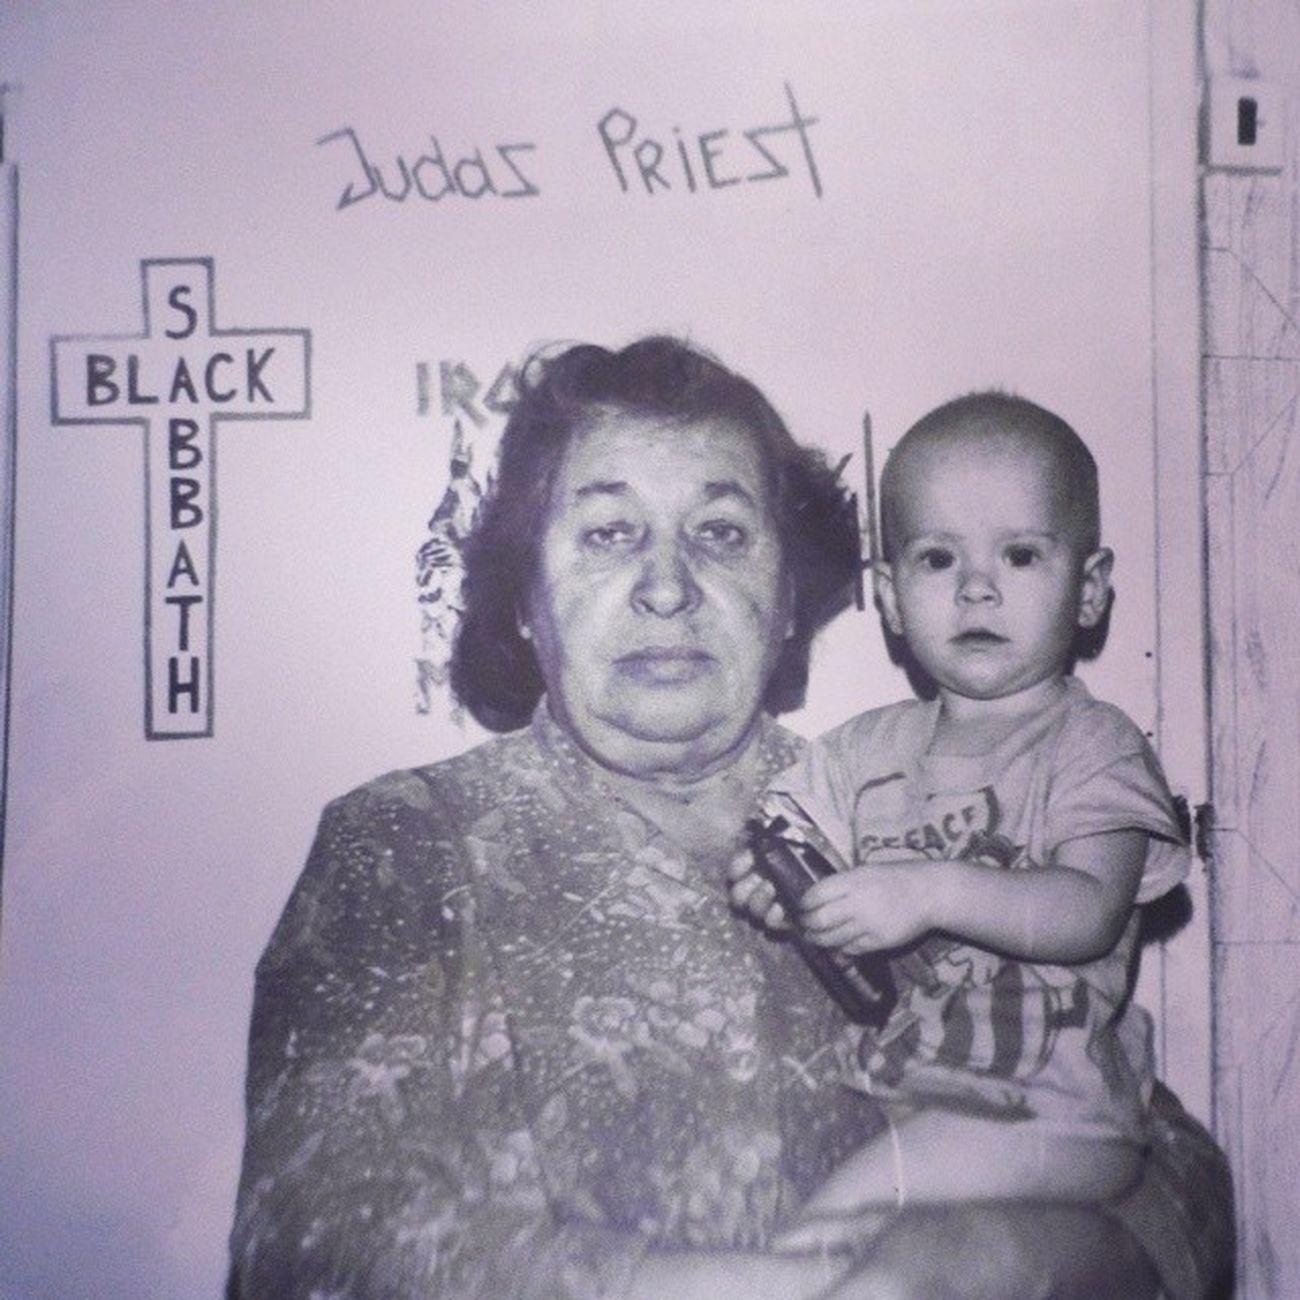 С прабабушкой в старой отцовской комнате... малышка милота Judaspriest Blacksabbath metallica дверь детство девяностые